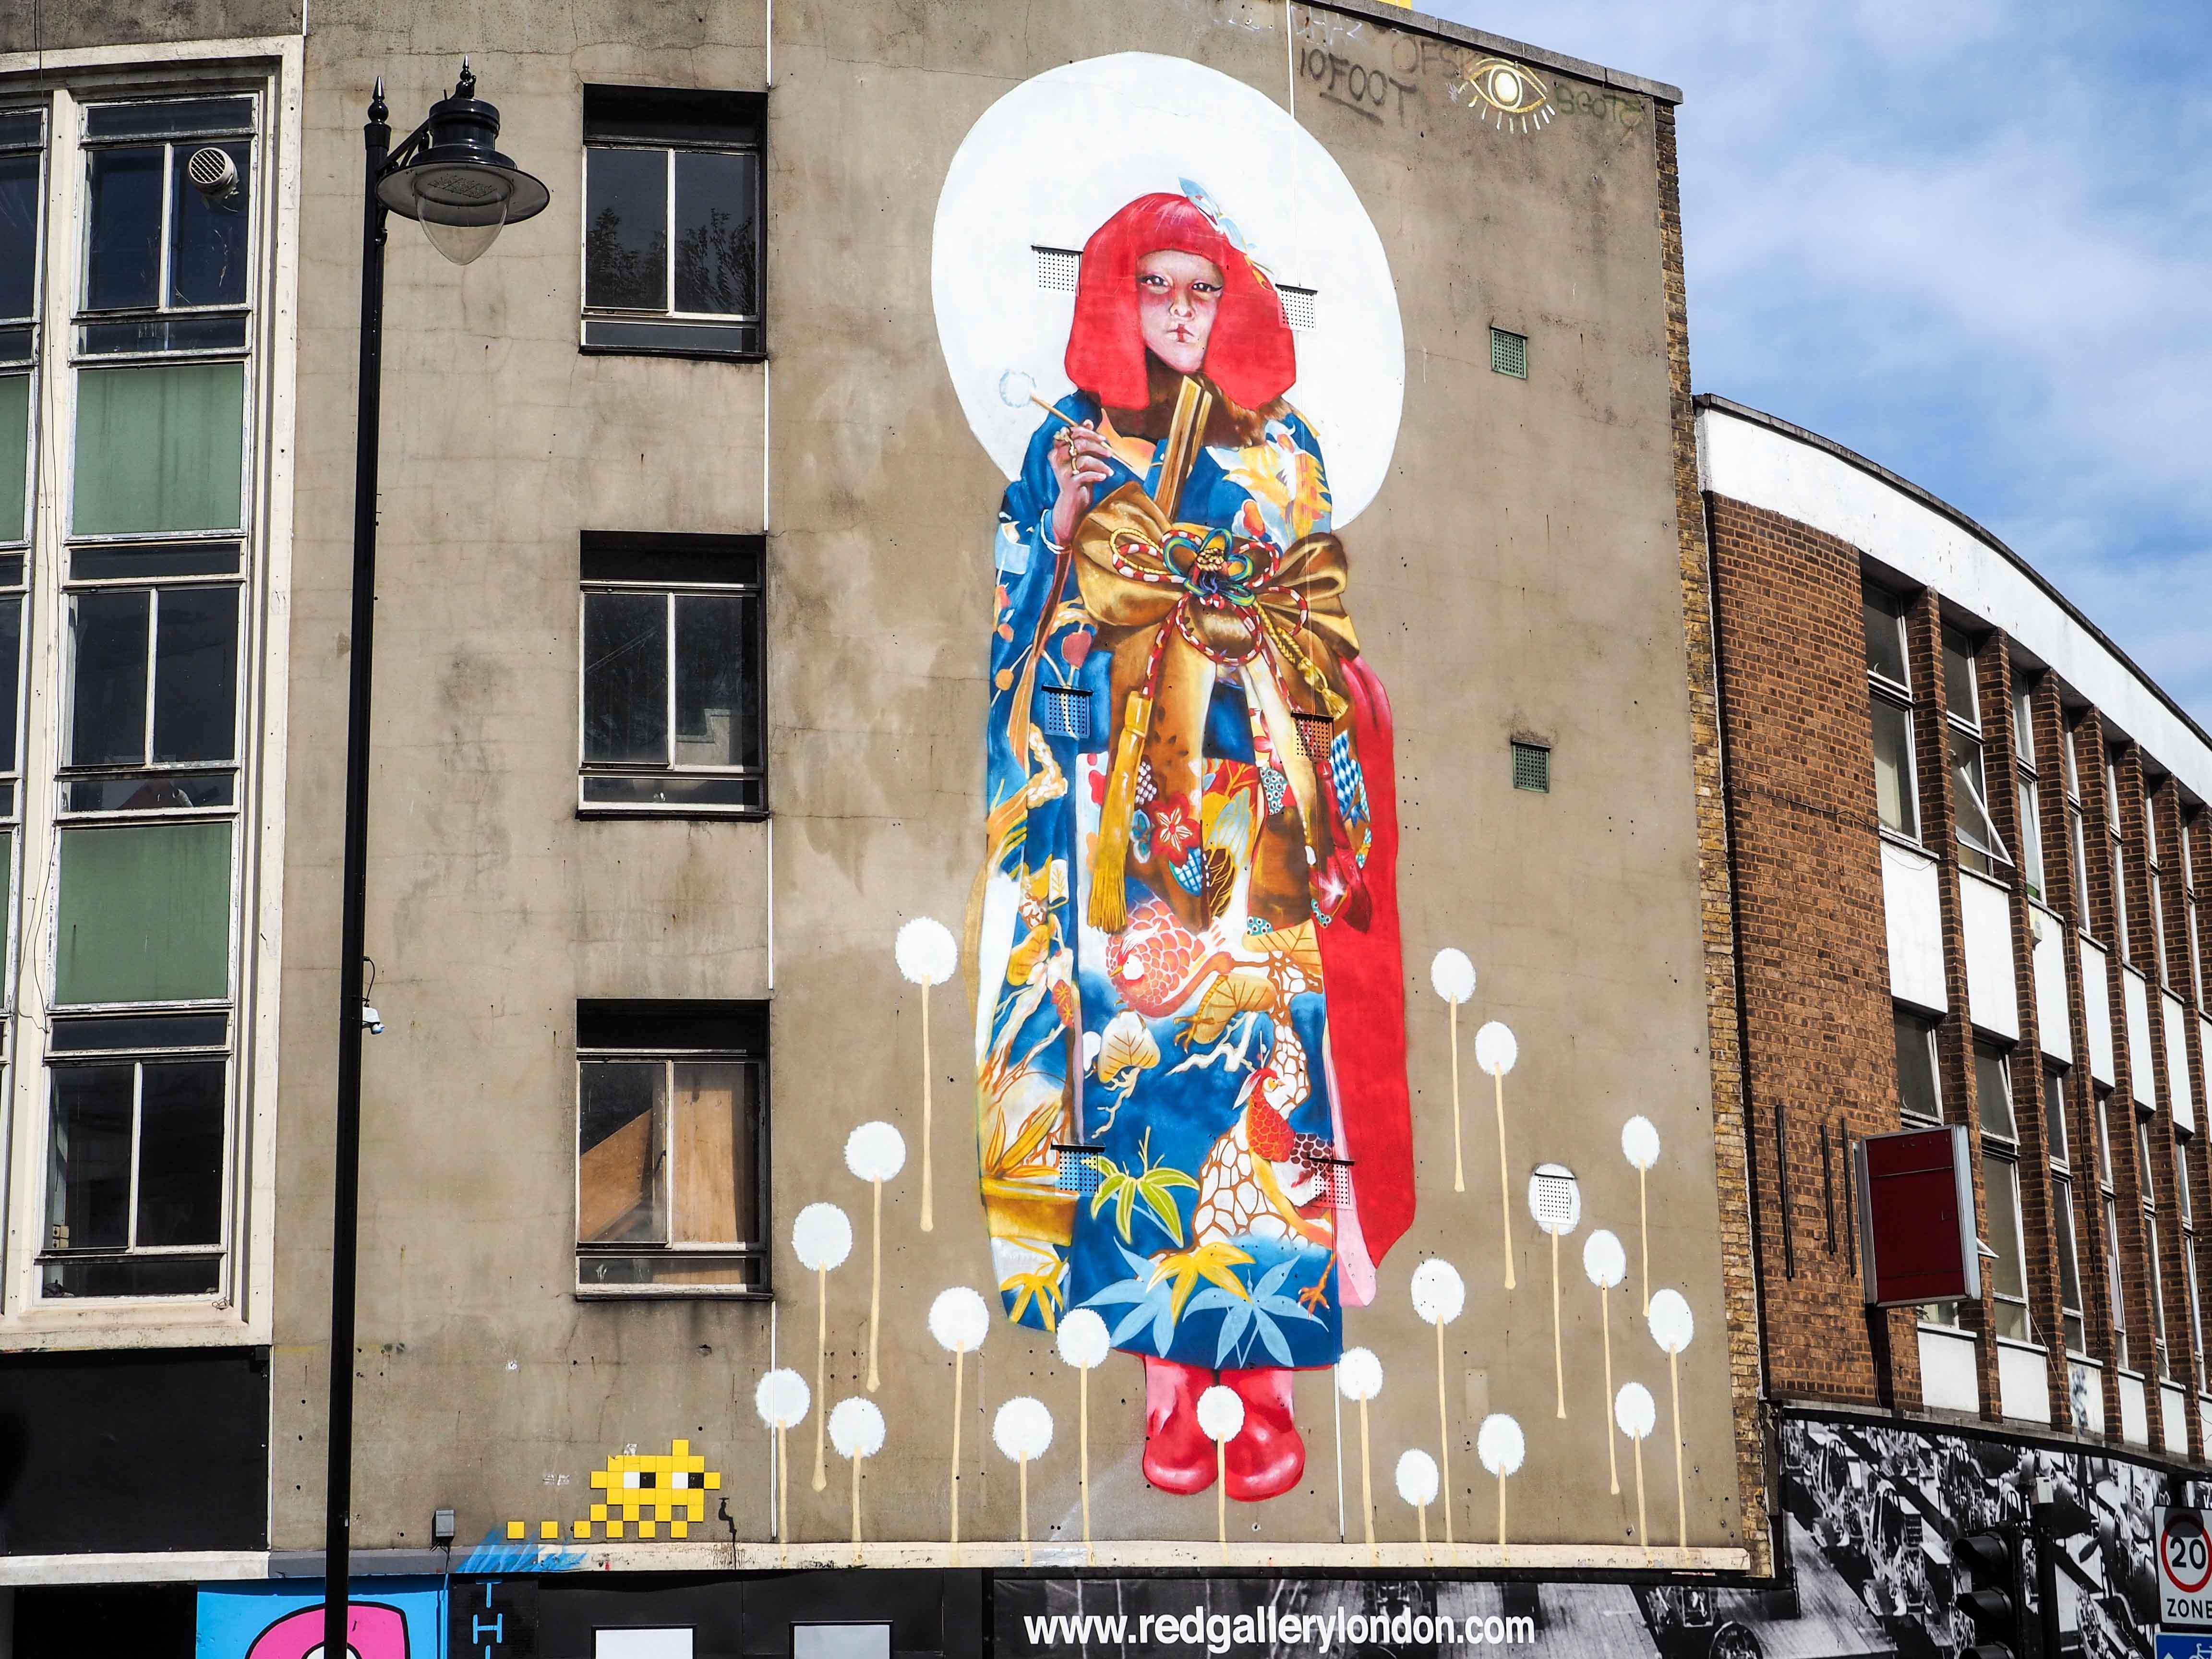 übergroßes Mural von Core und Kaes zeigt eine Asiatin